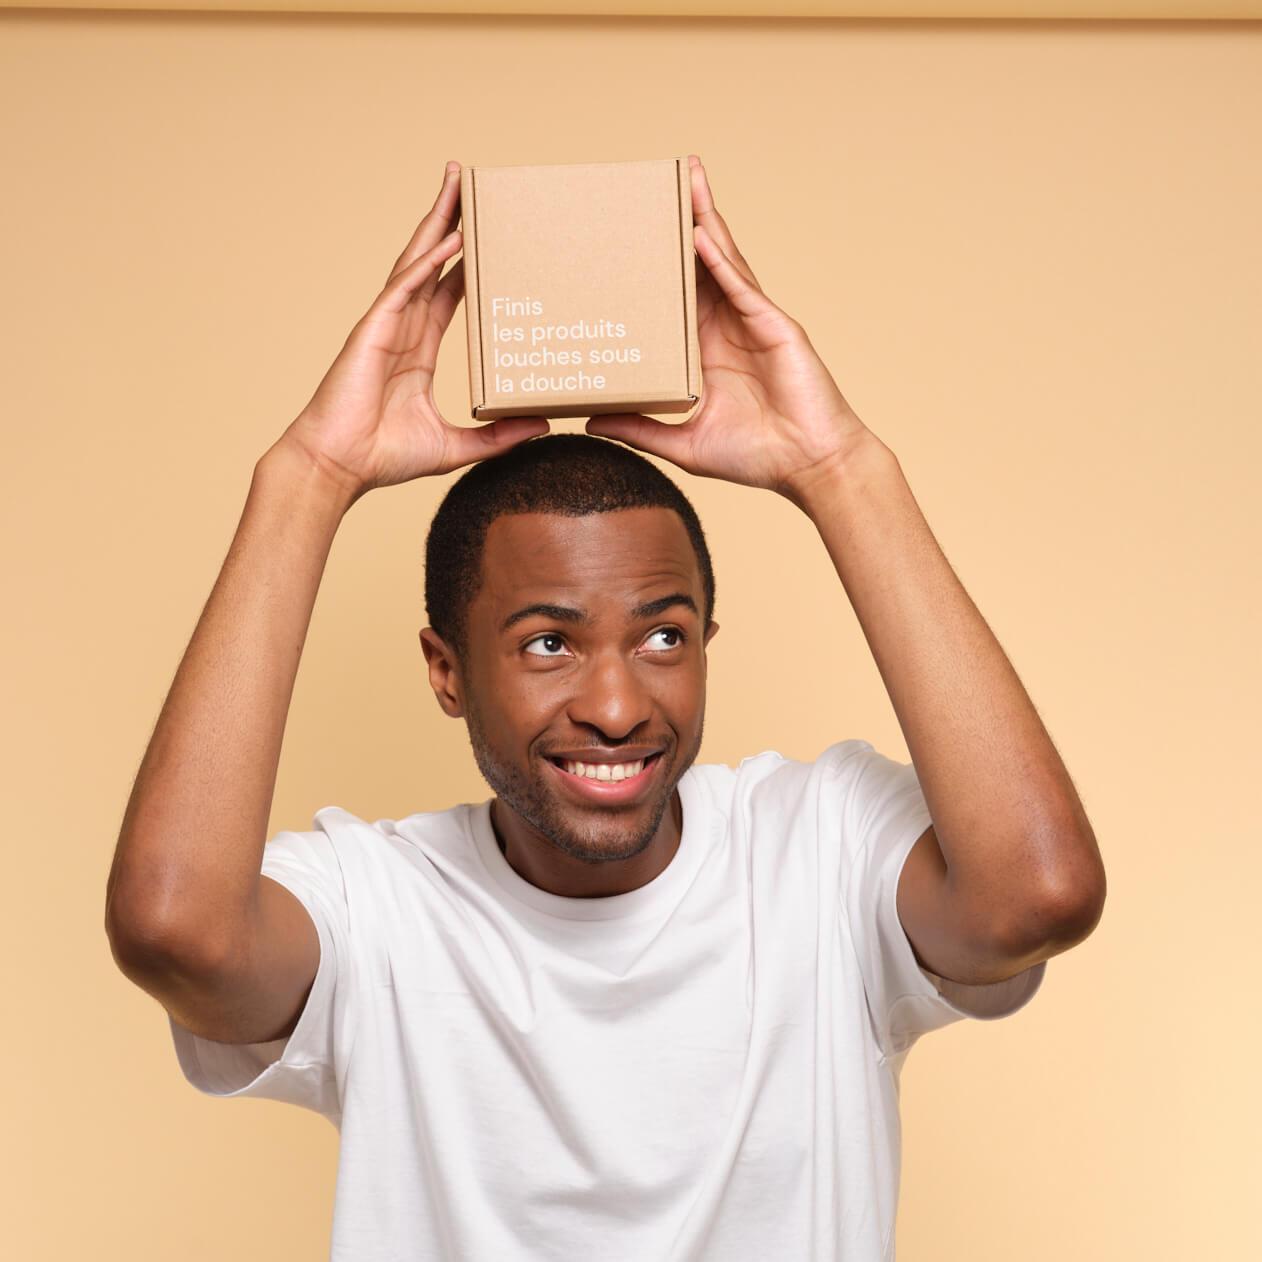 Ragazzo con scatola di cartone